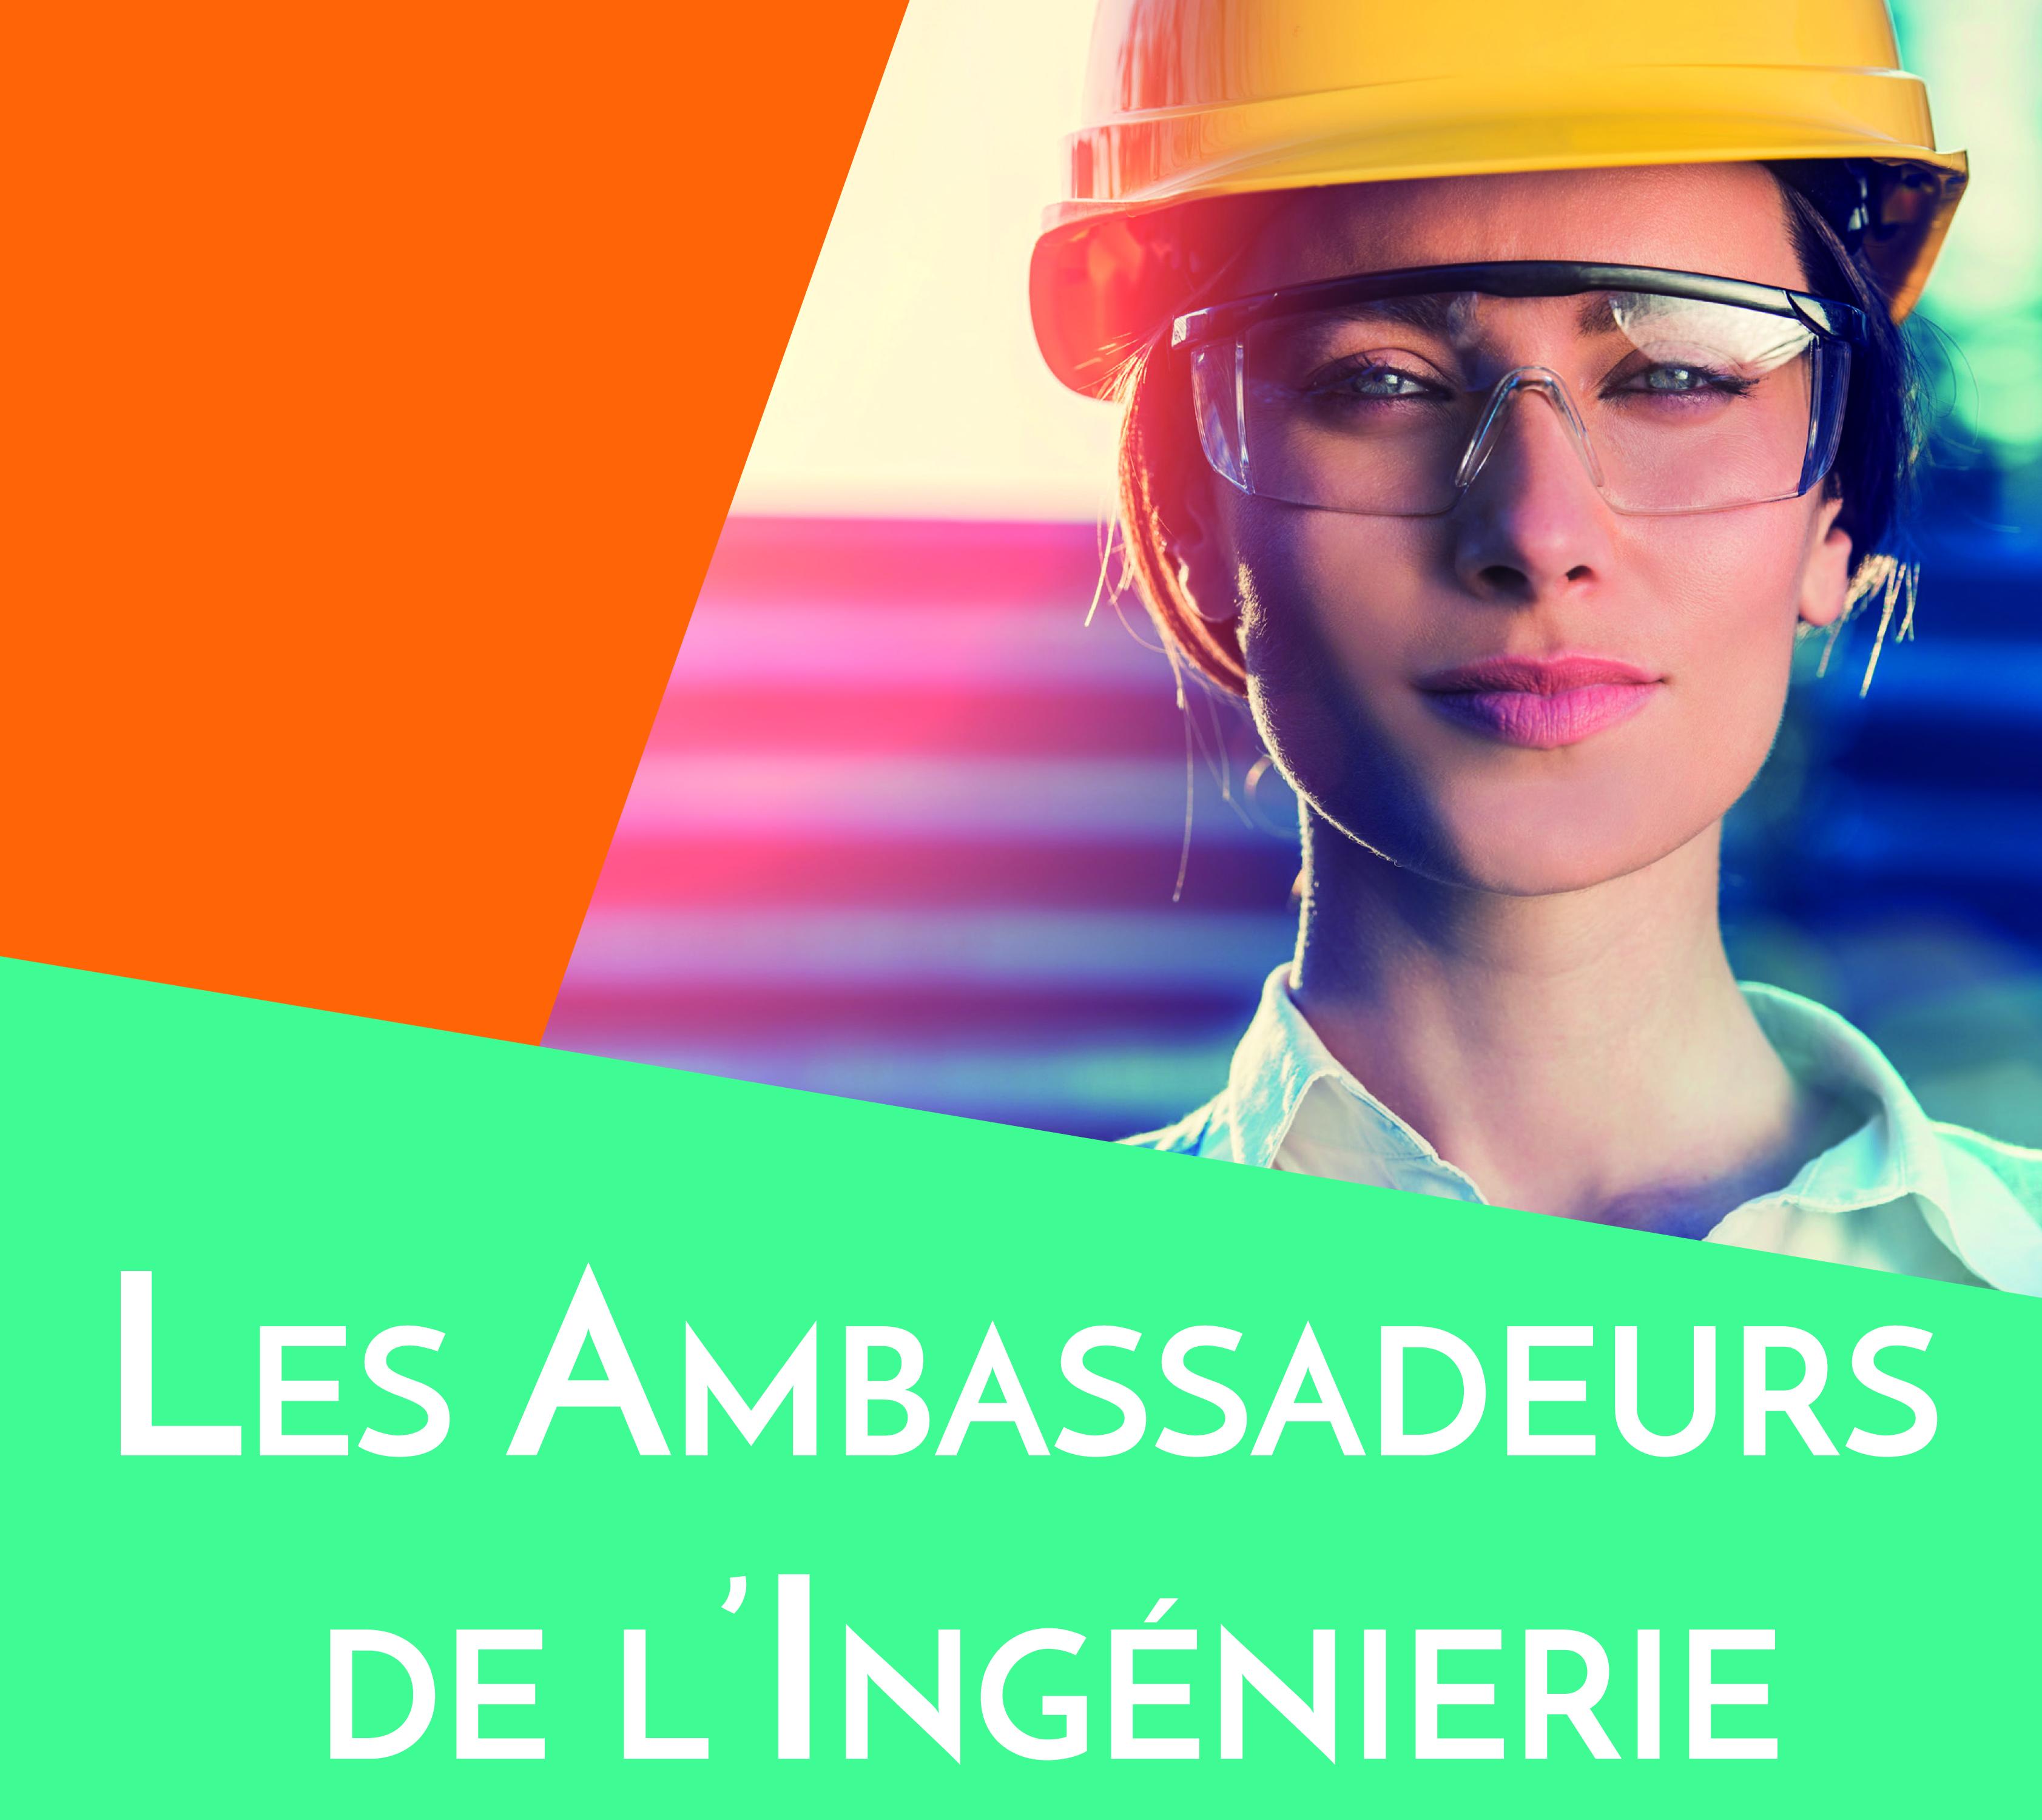 Ambassadeurs de l'ingénierie : rejoignez le mouvement !